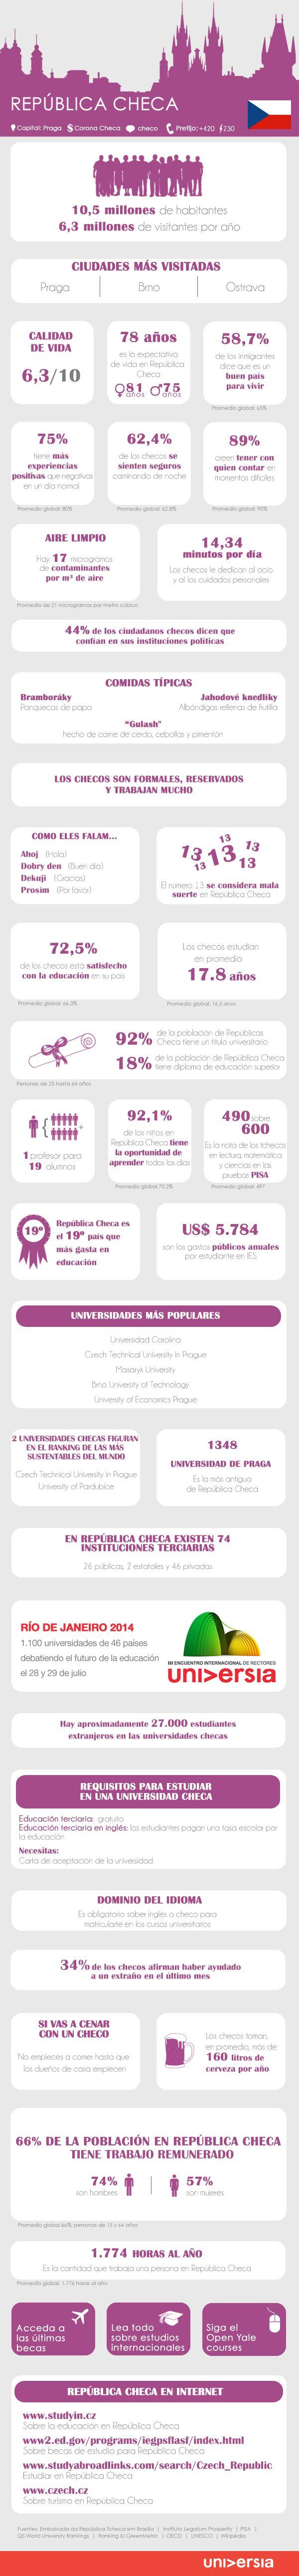 30 claves para estudiar y trabajar en el República Checa #infografia #infographic #empleo